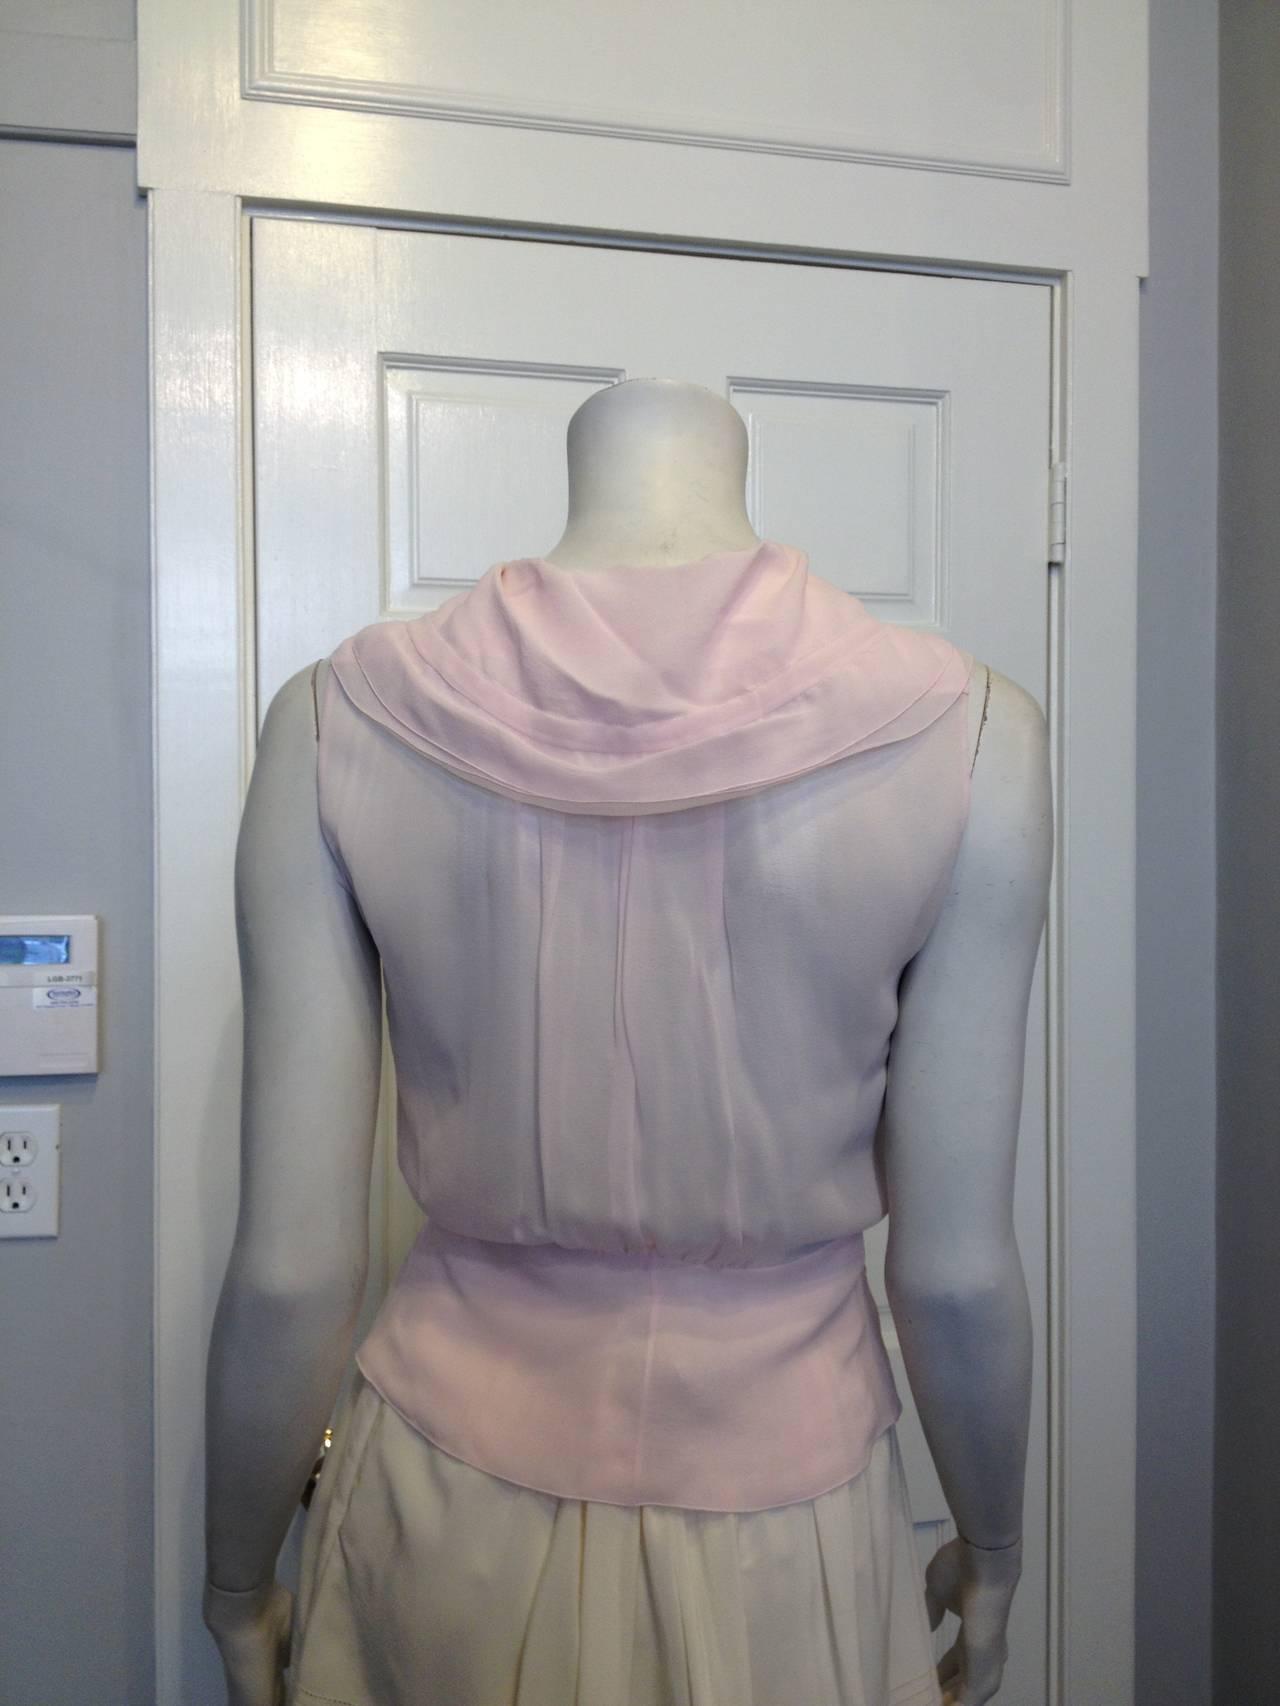 Chanel Baby Pink Chiffon Ruffled Blouse 5